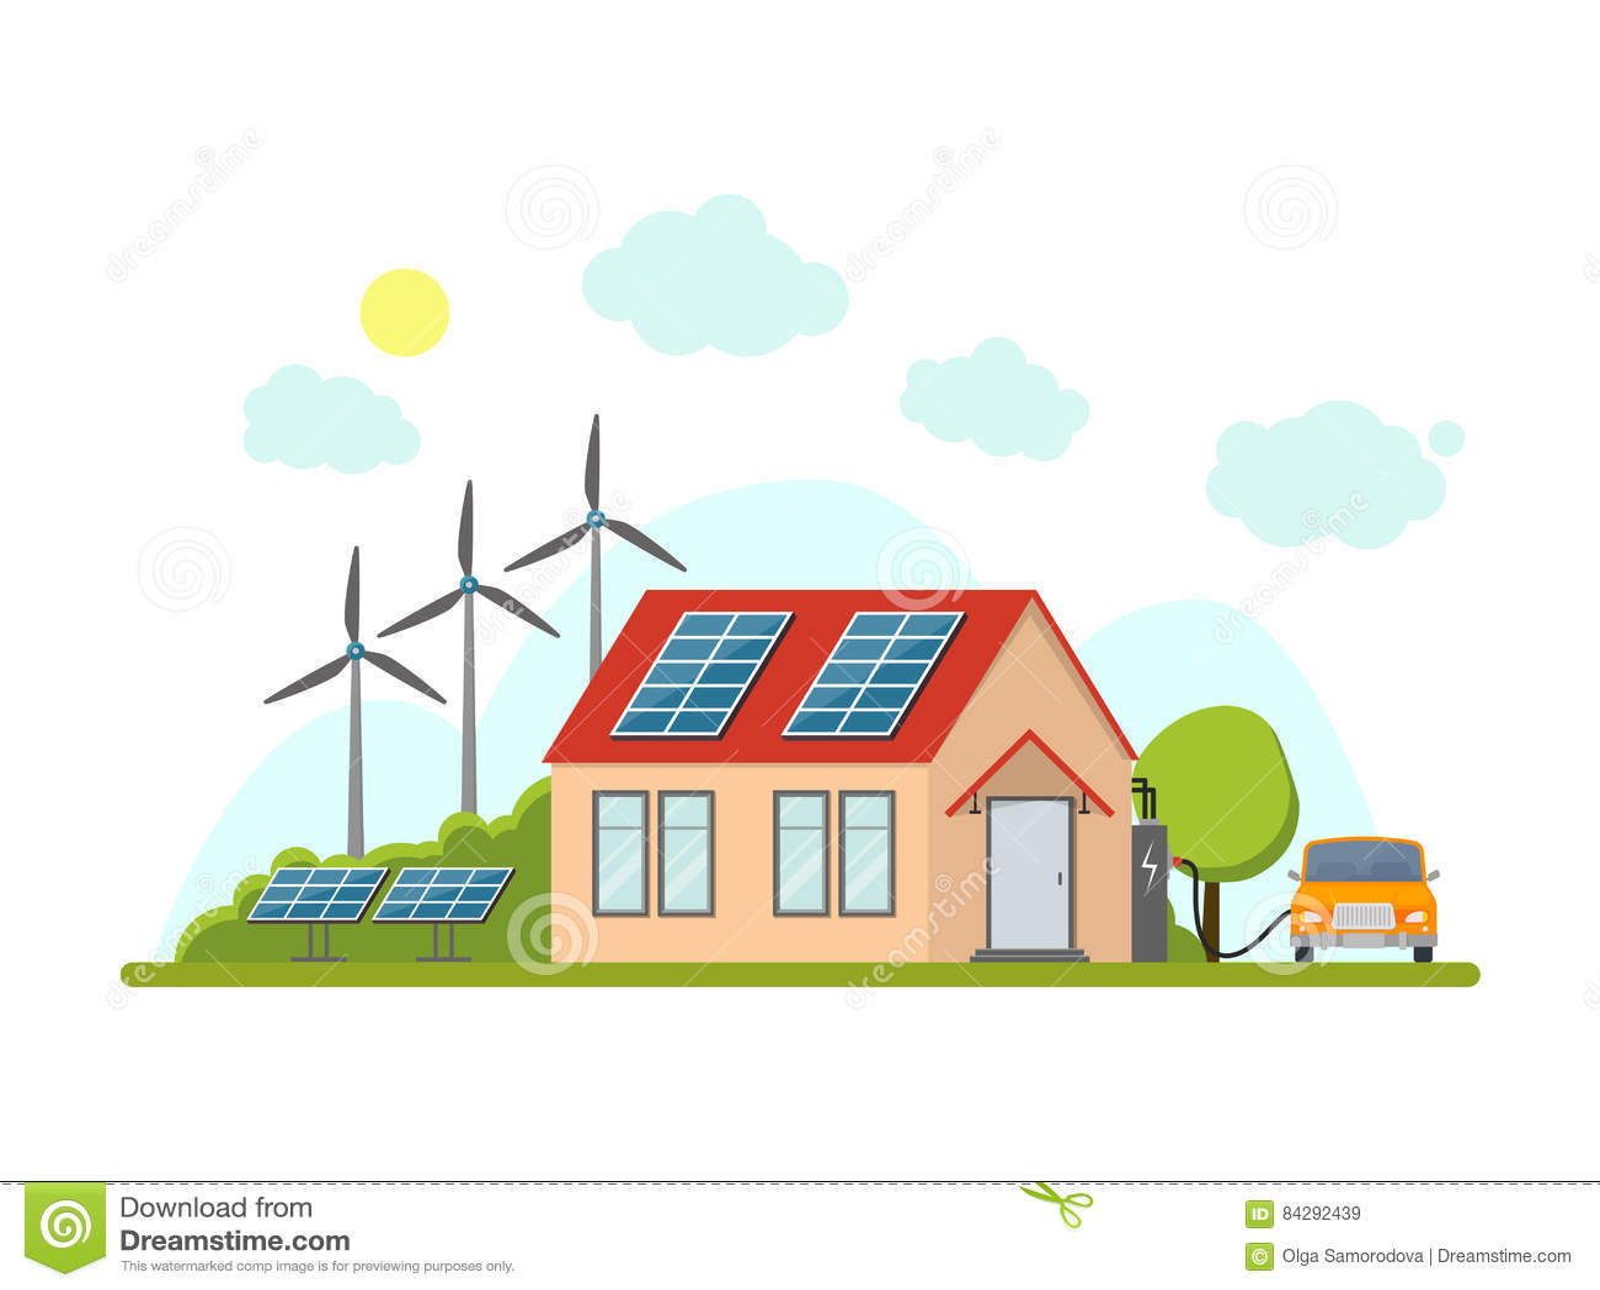 Cartoon Eco Home Exterior Facade. Vector Stock Vector - Illustration ...